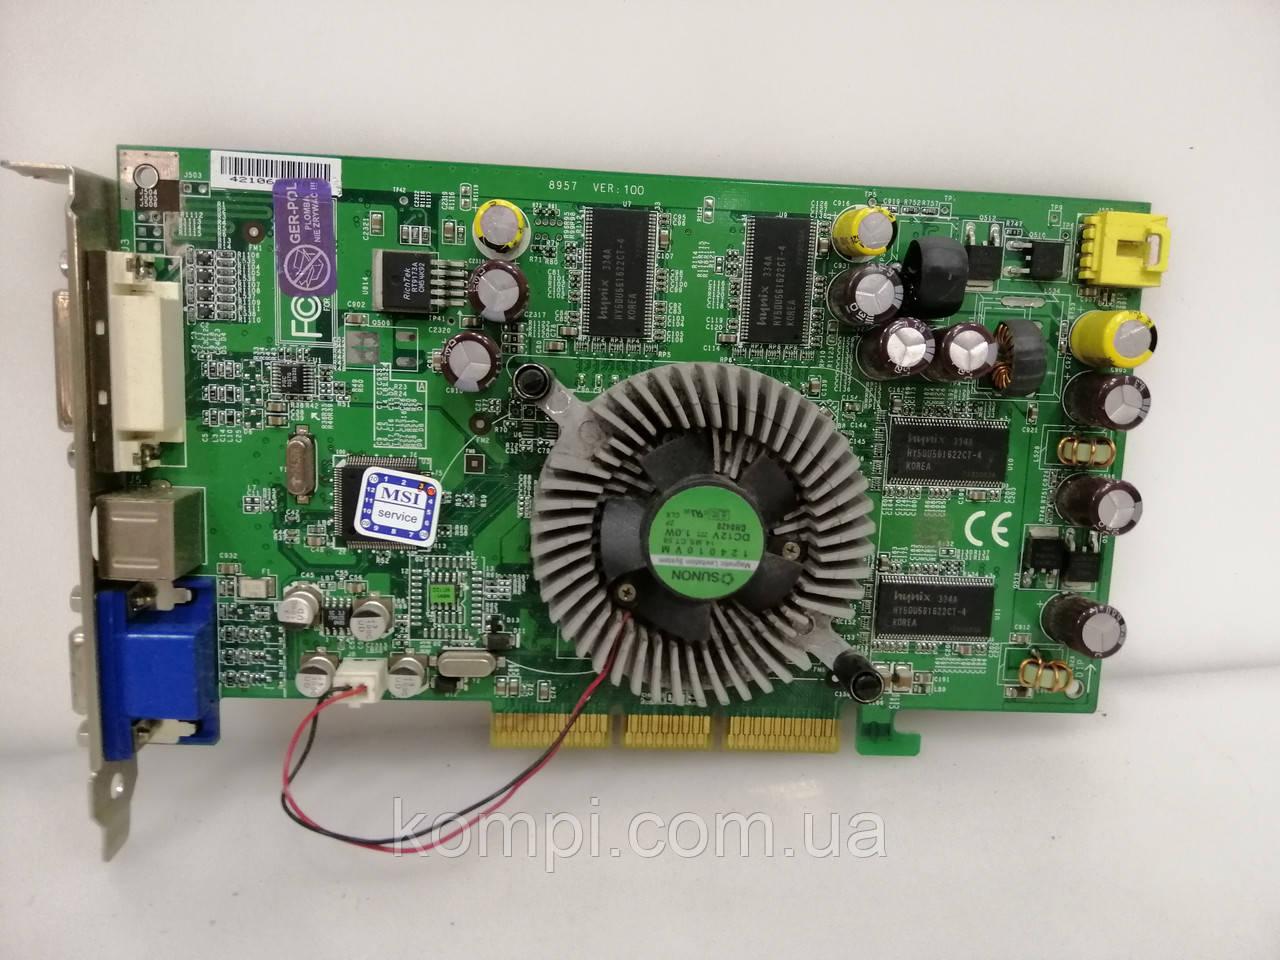 Видеокарта NVIDIA FX 5700  128Mb  AGP